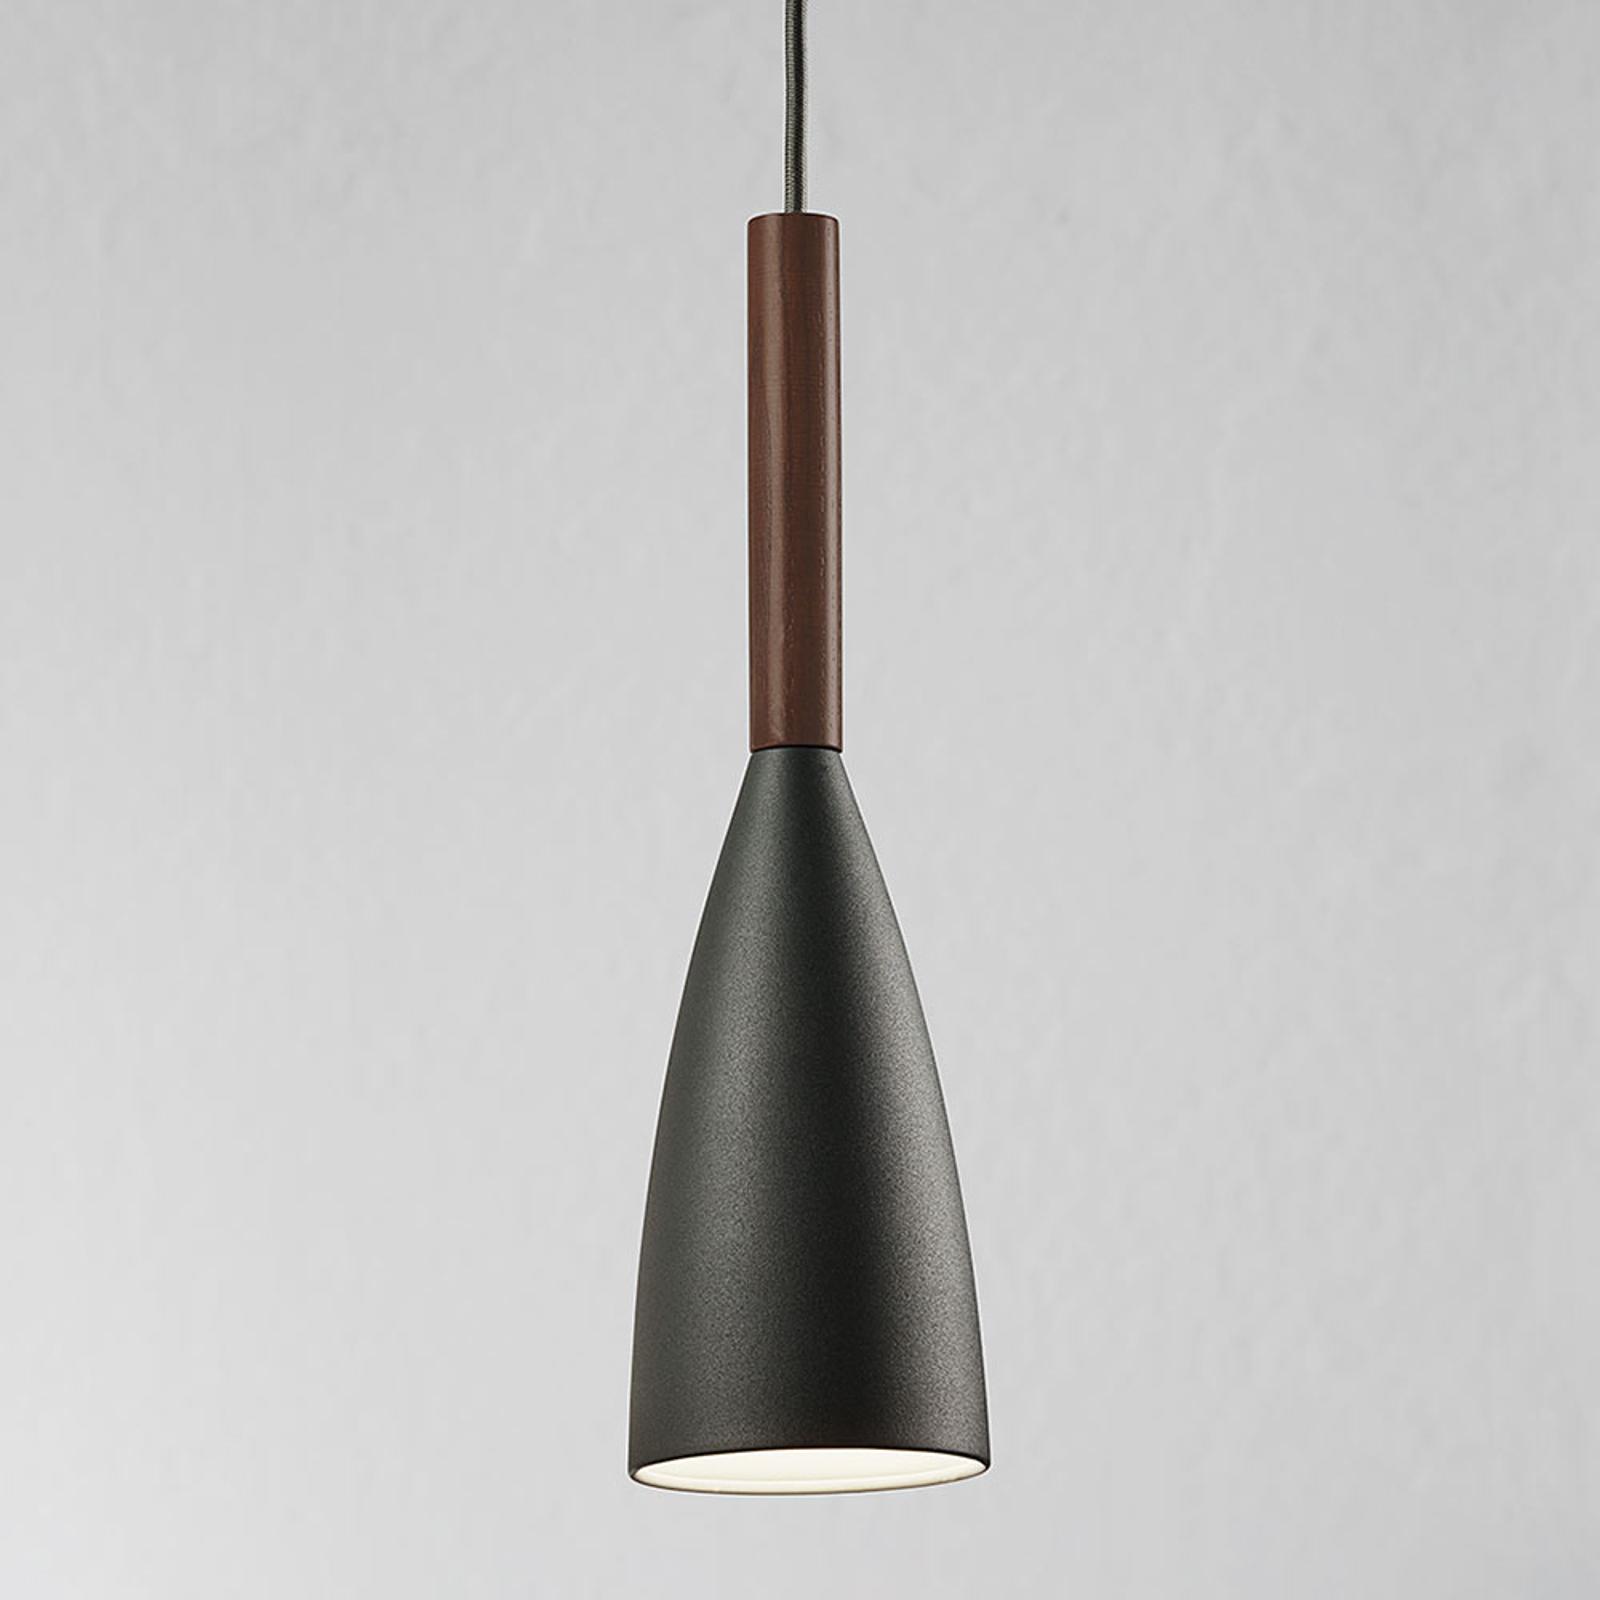 Hanglamp Pure met houtelement, grijs